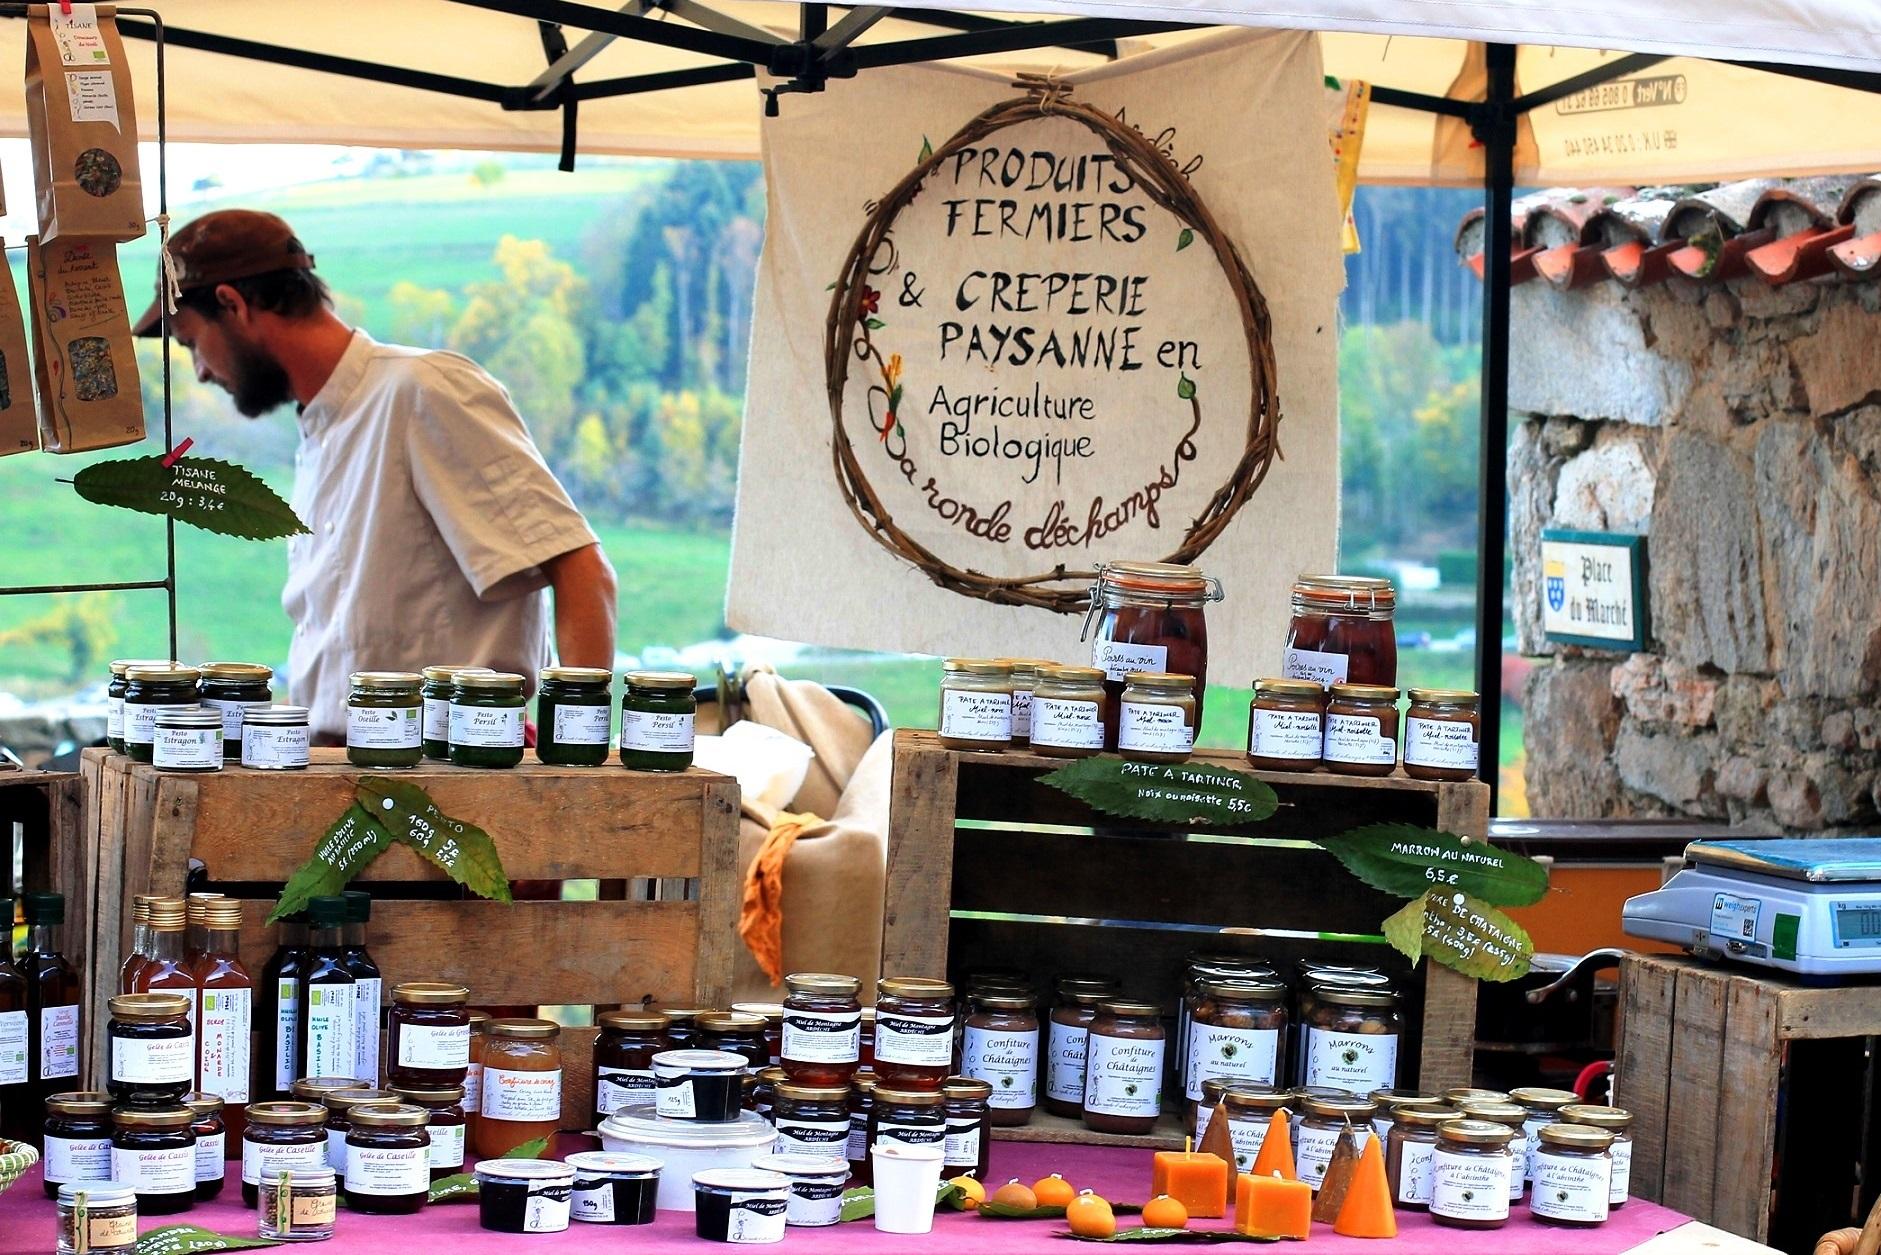 Souvenirs gourmands : Boutique paysanne La Ronde d'échamps